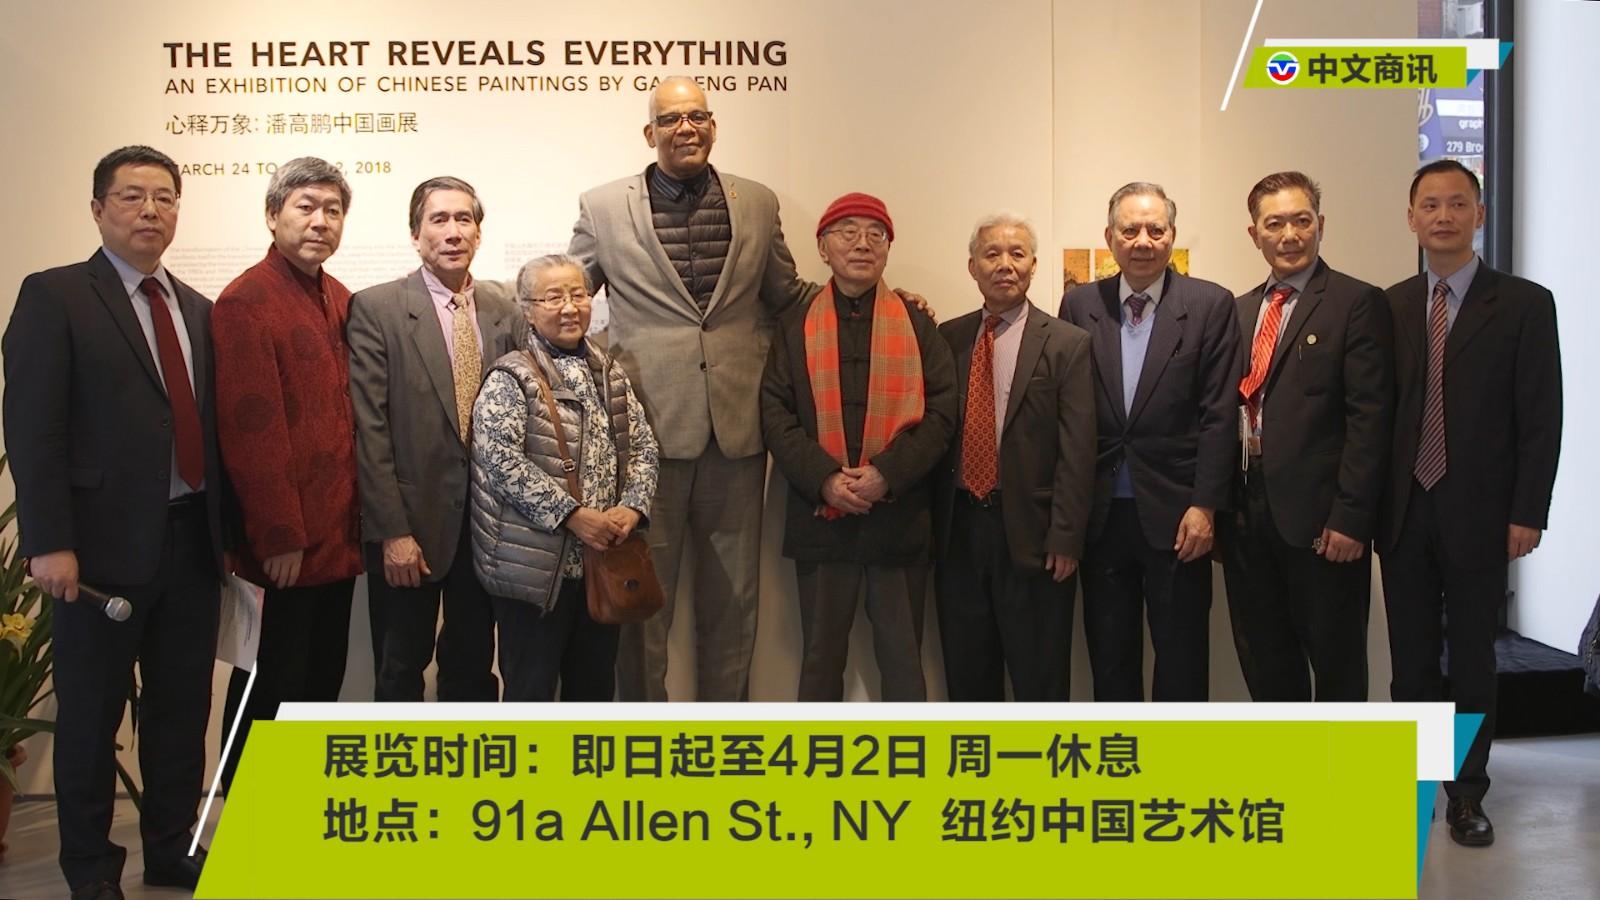 """【视频】纽约中国艺术馆""""心释万象""""画展开展"""